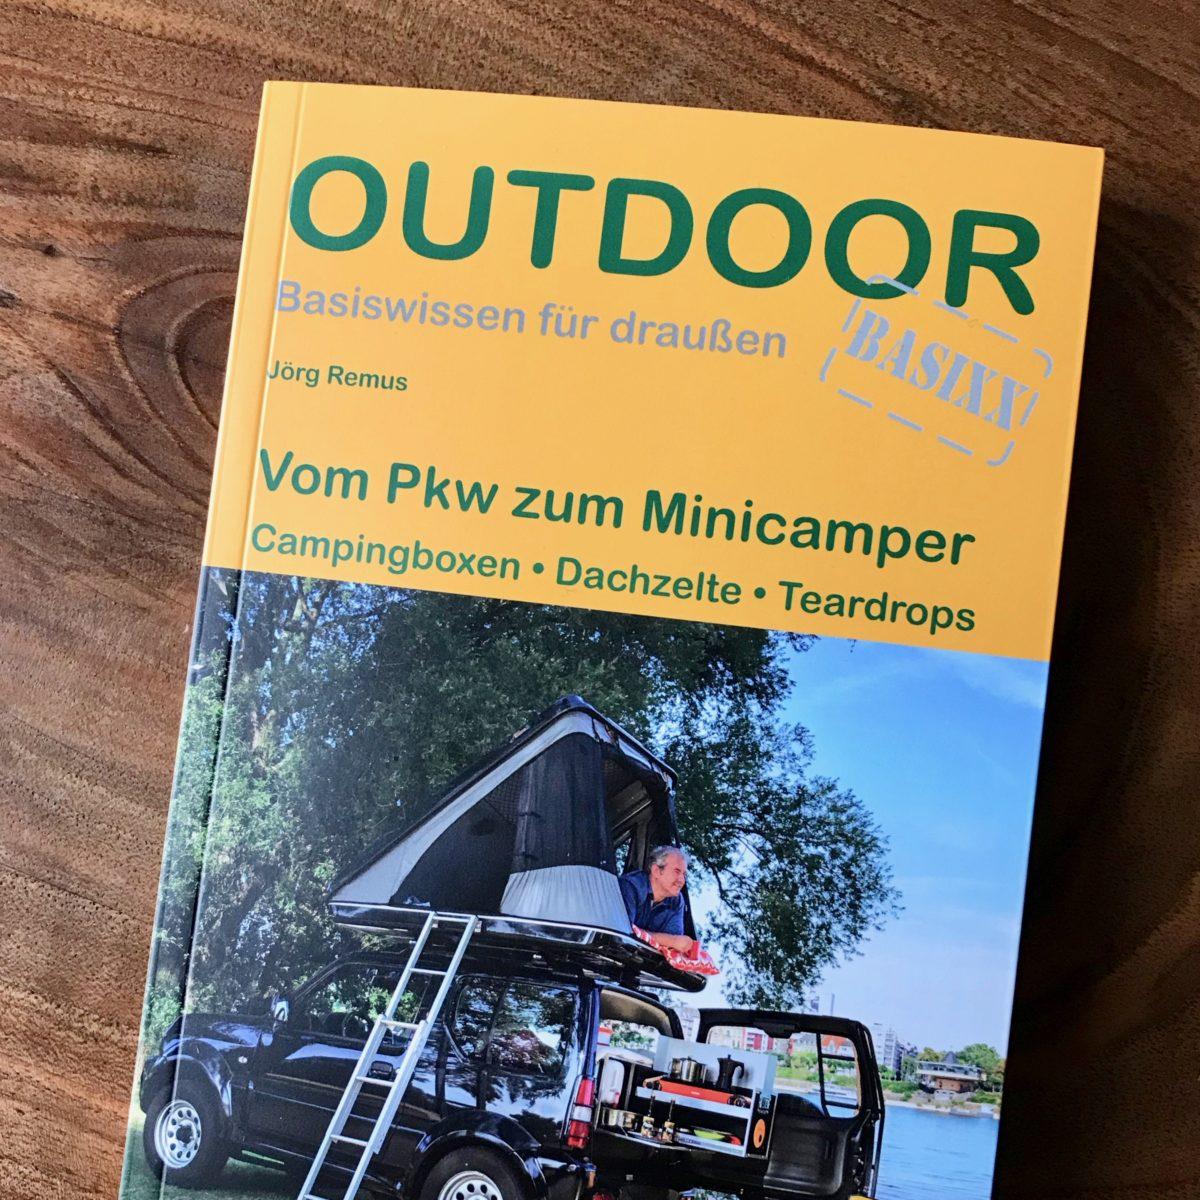 """""""Vom PKW zum Mini-Camper - Campingboxen · Dachzelte · Teardrops"""" aus dem Conrad Stein Verlag"""